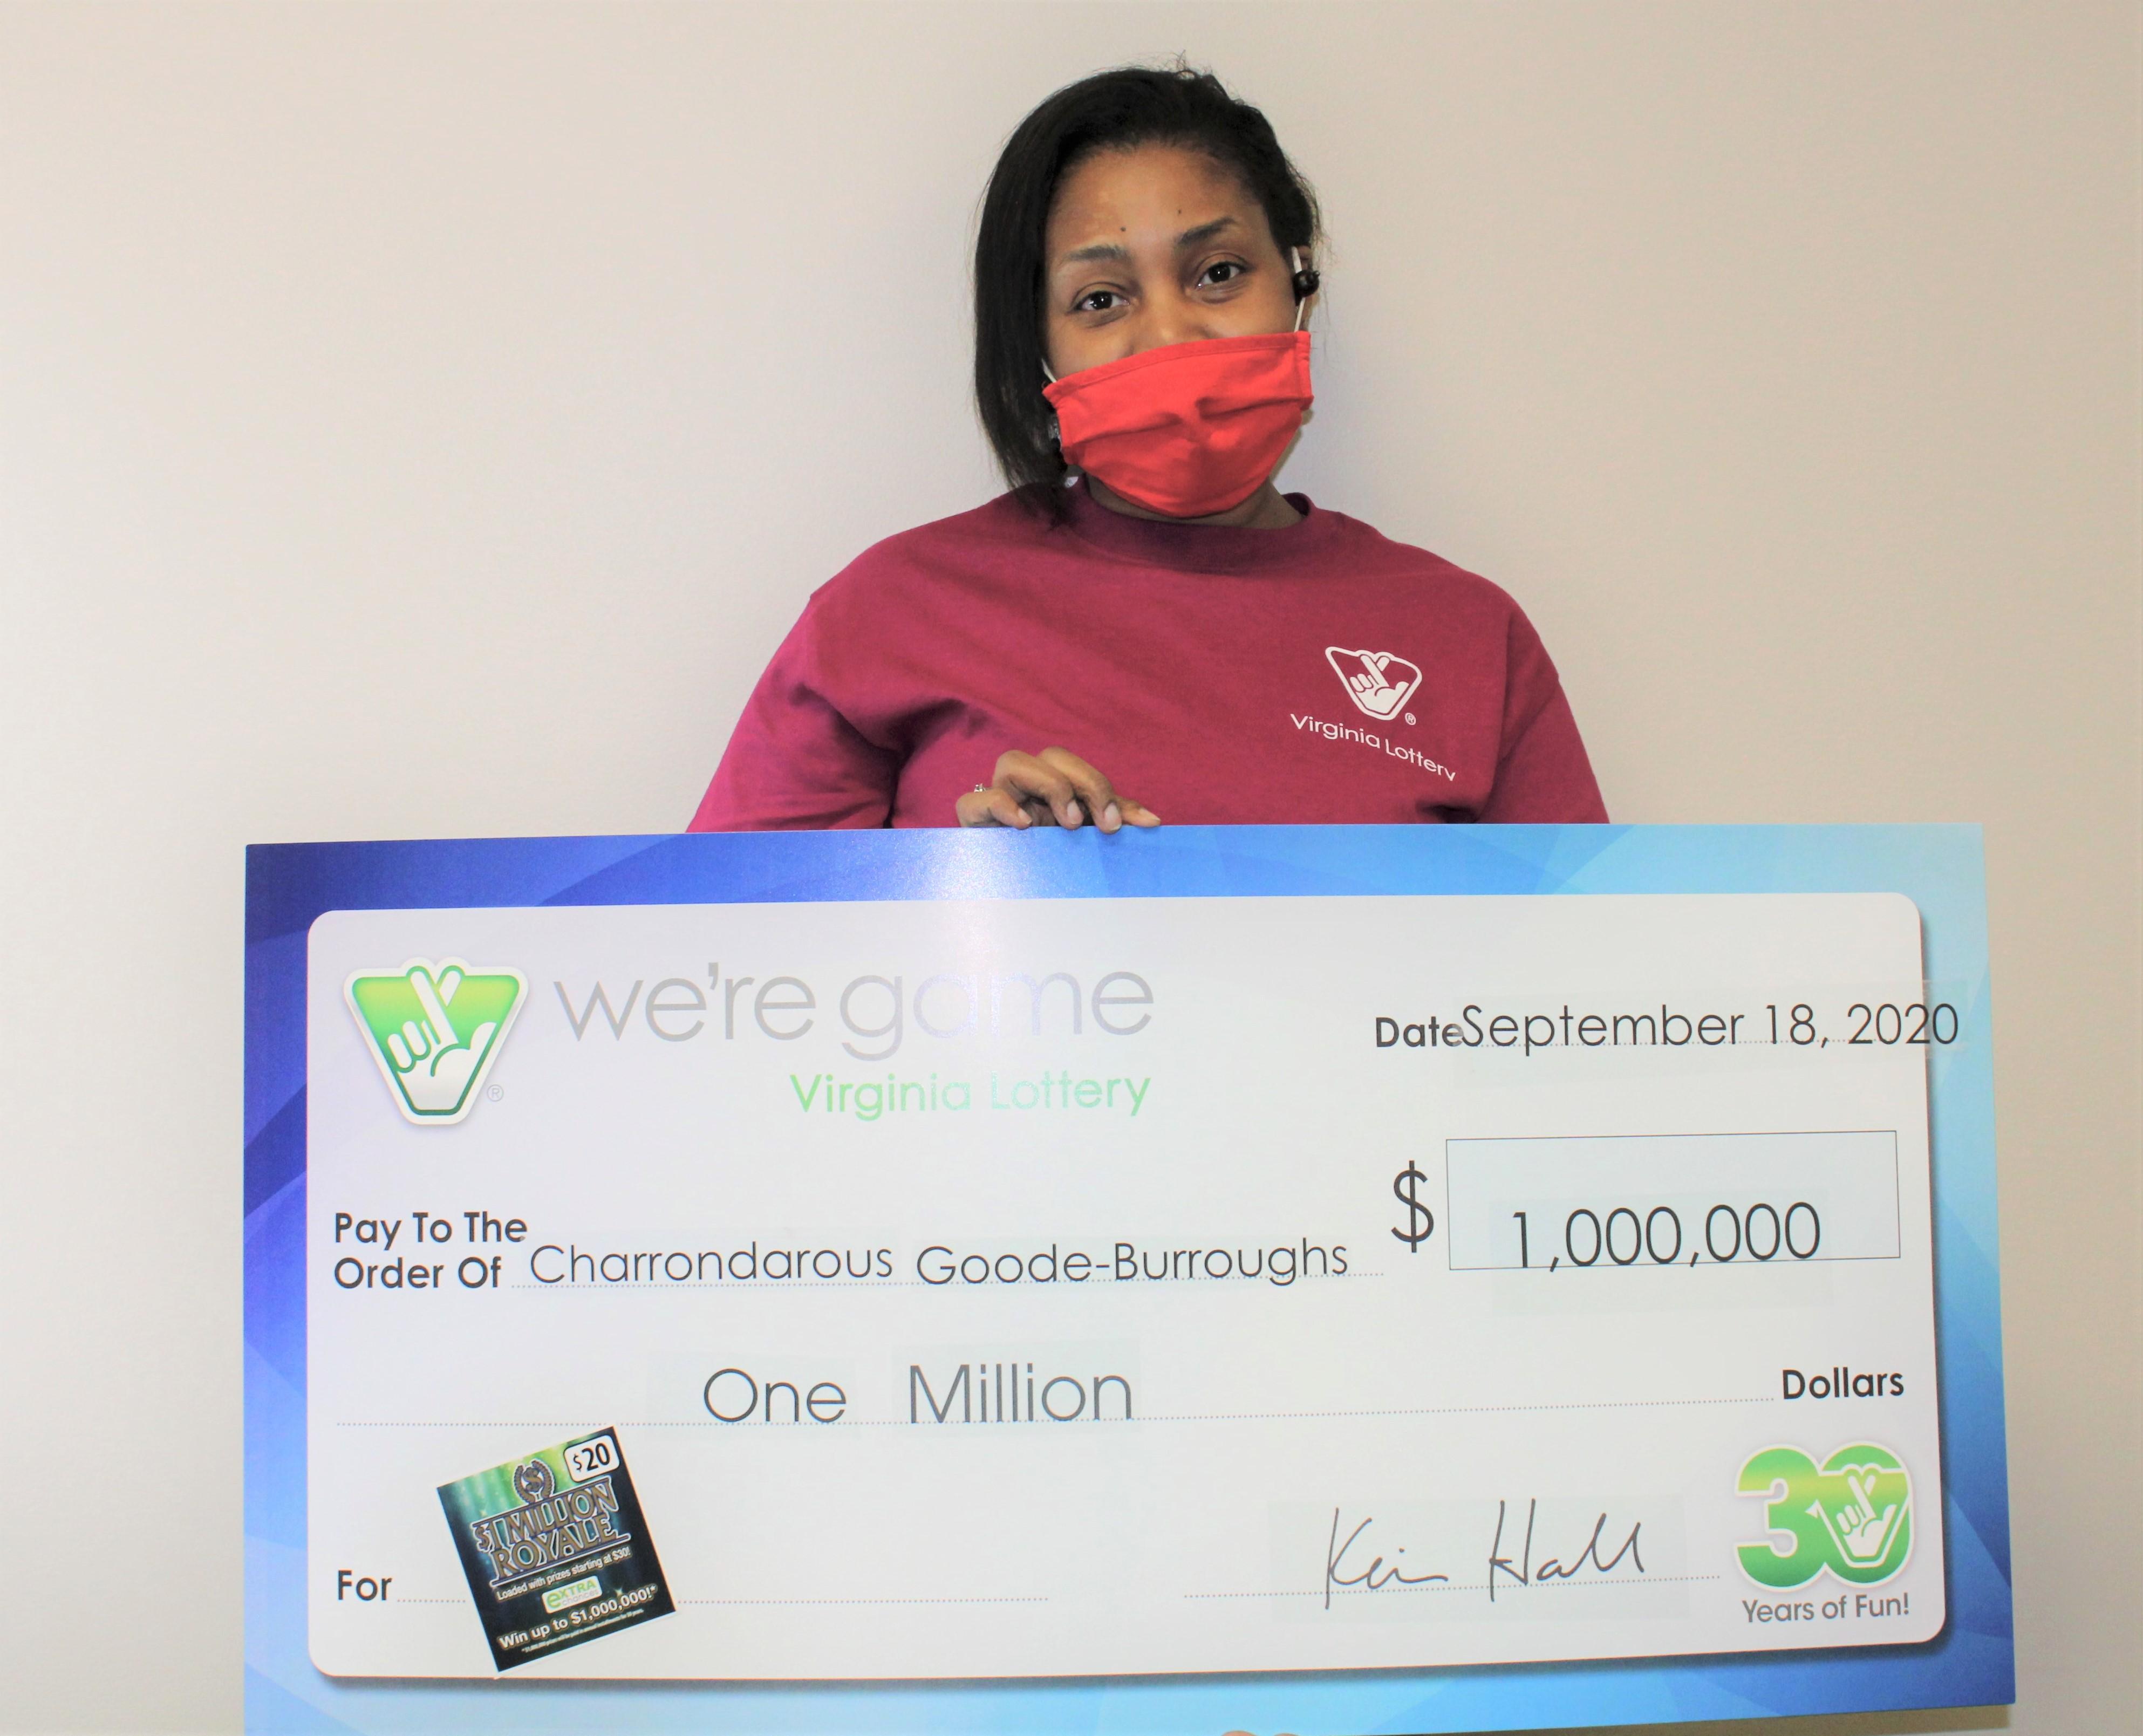 Charrondarous Goode-Burroughs még nem tudja, mire költi a nyereményt / Fotó: Virginia Lottery / www.valottery.com